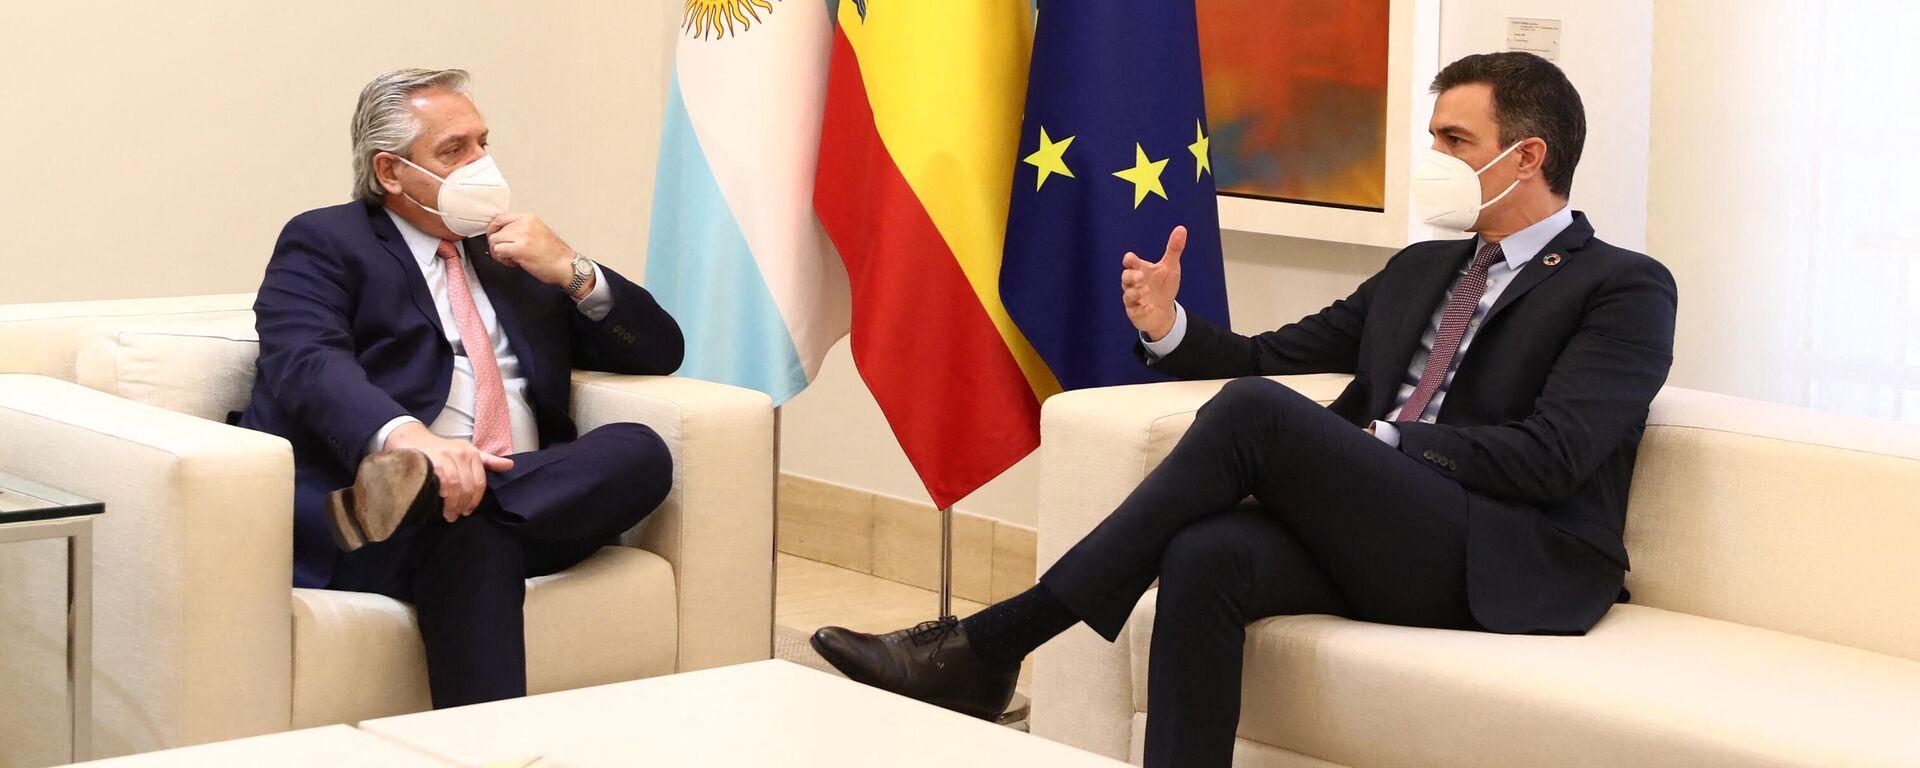 El presidente de España, Pedro Sánchez, y el presidente de Argentina, Alberto Fernández, reunidos en la Moncloa - Sputnik Mundo, 1920, 09.06.2021